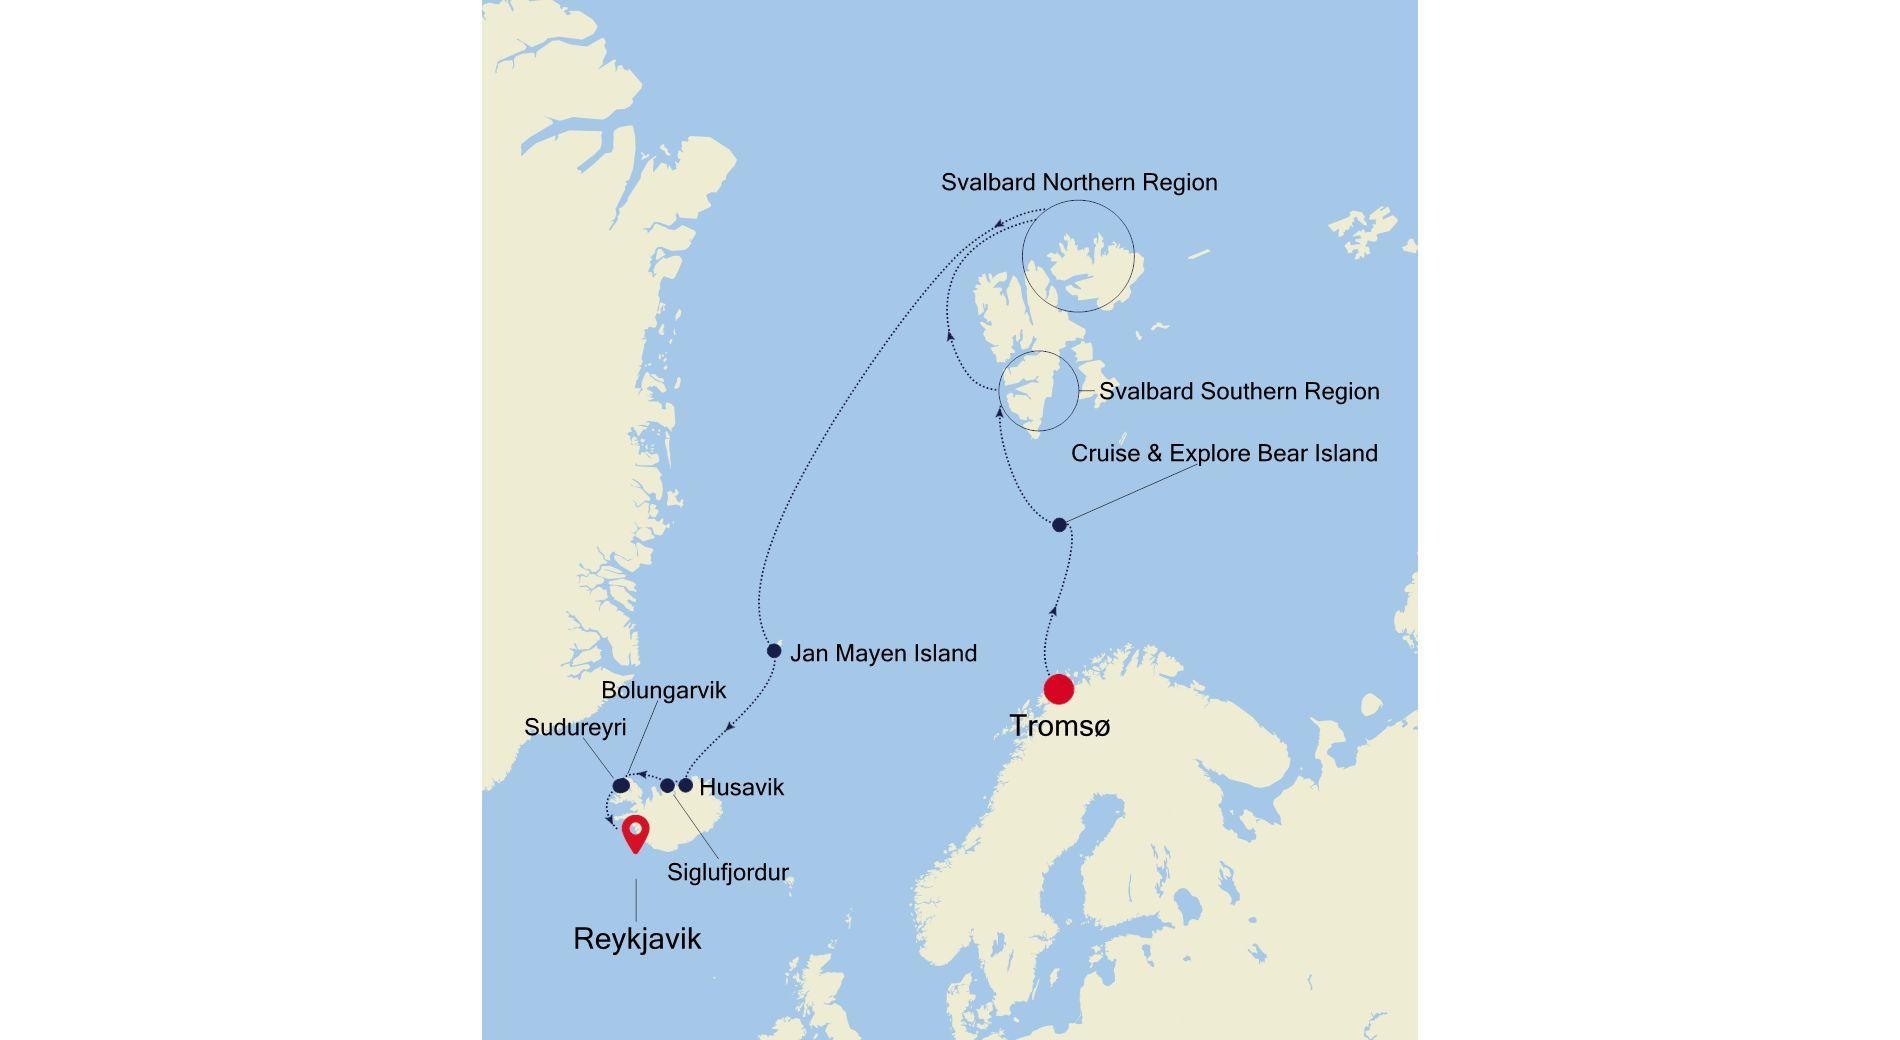 WI210809013 - Tromsø nach Reykjavik